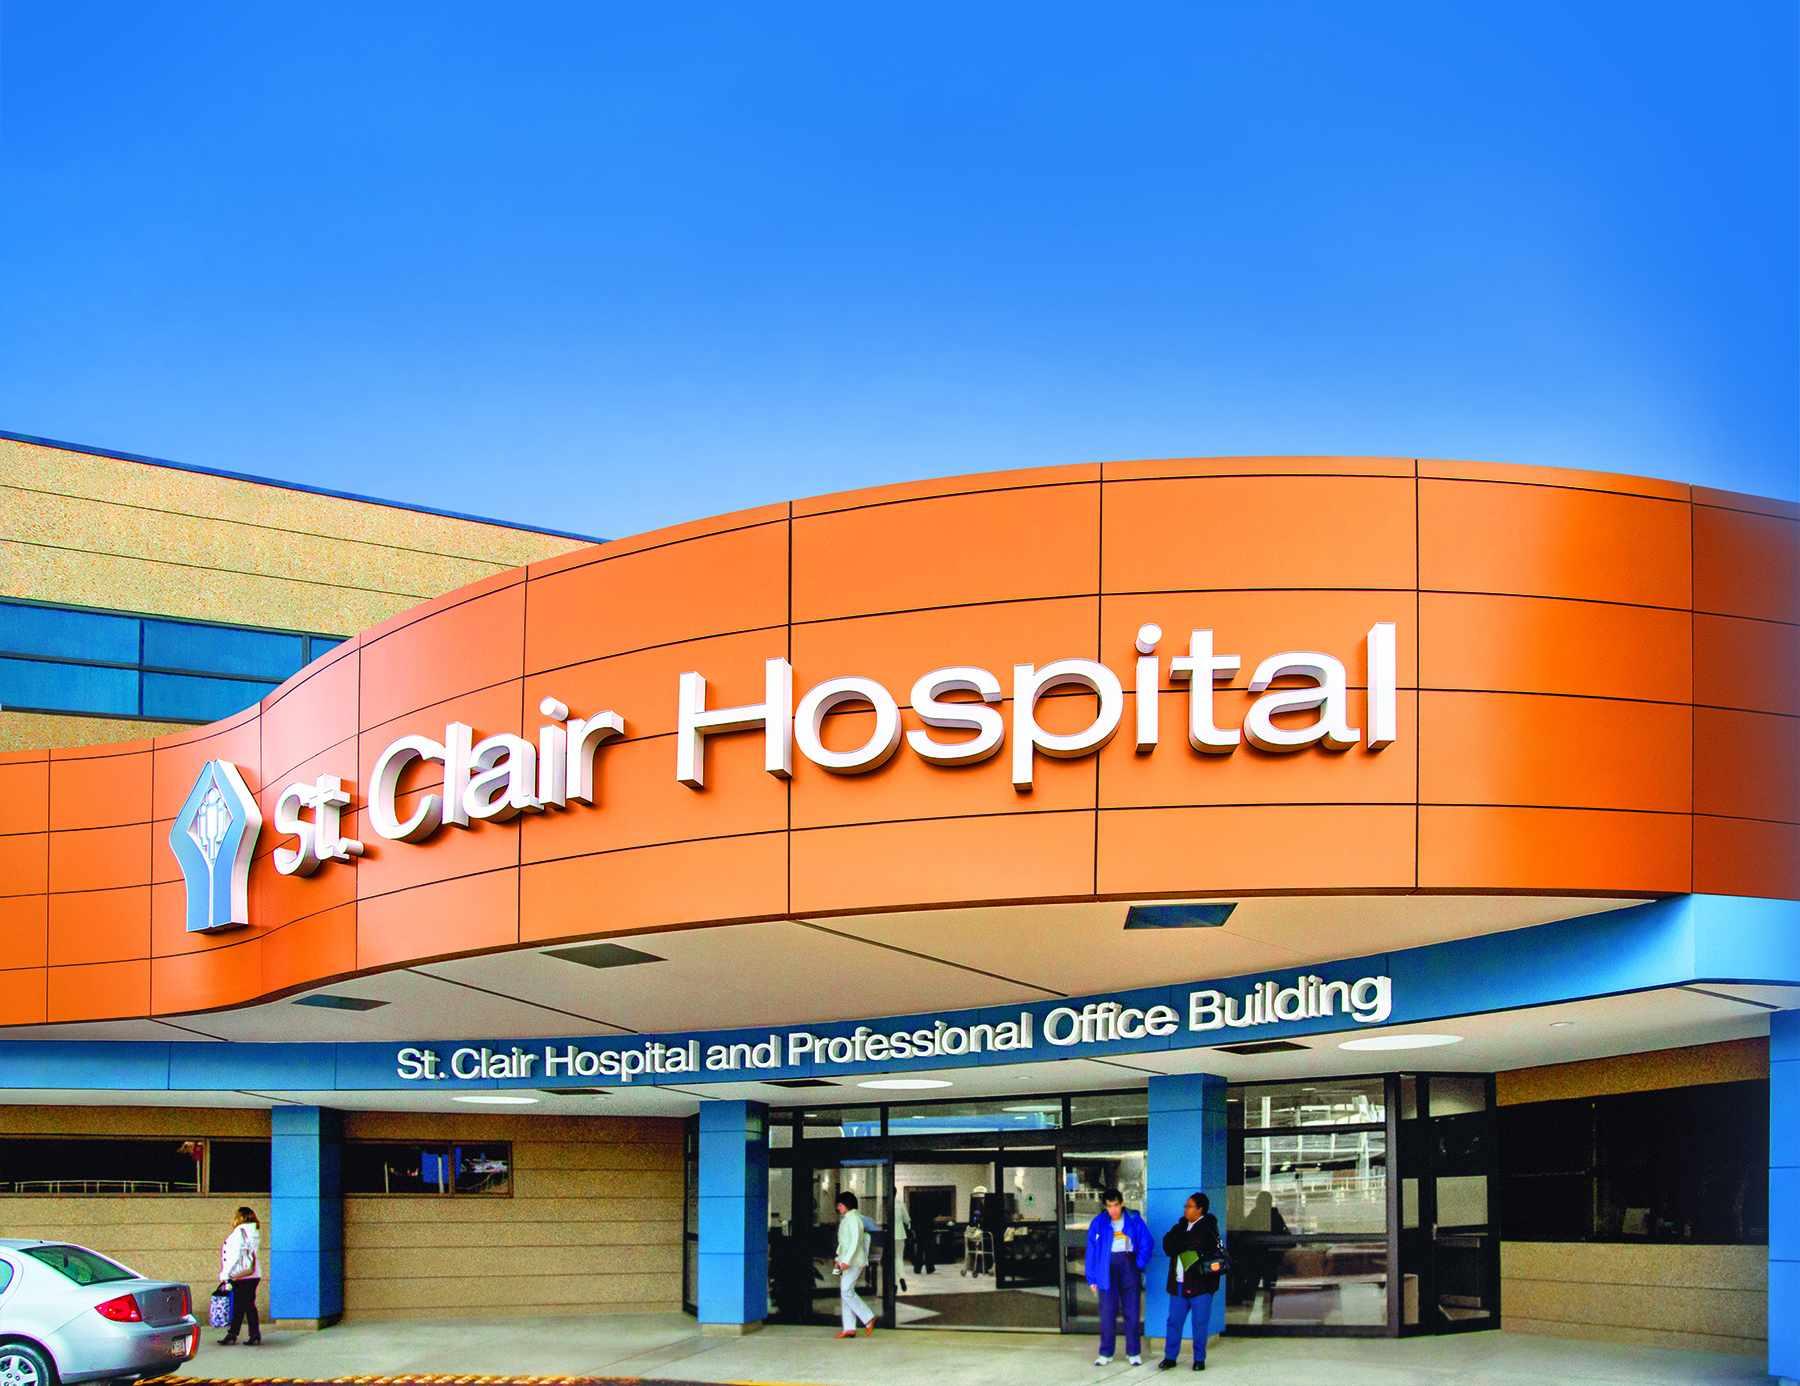 St. Clair Hospital entrance